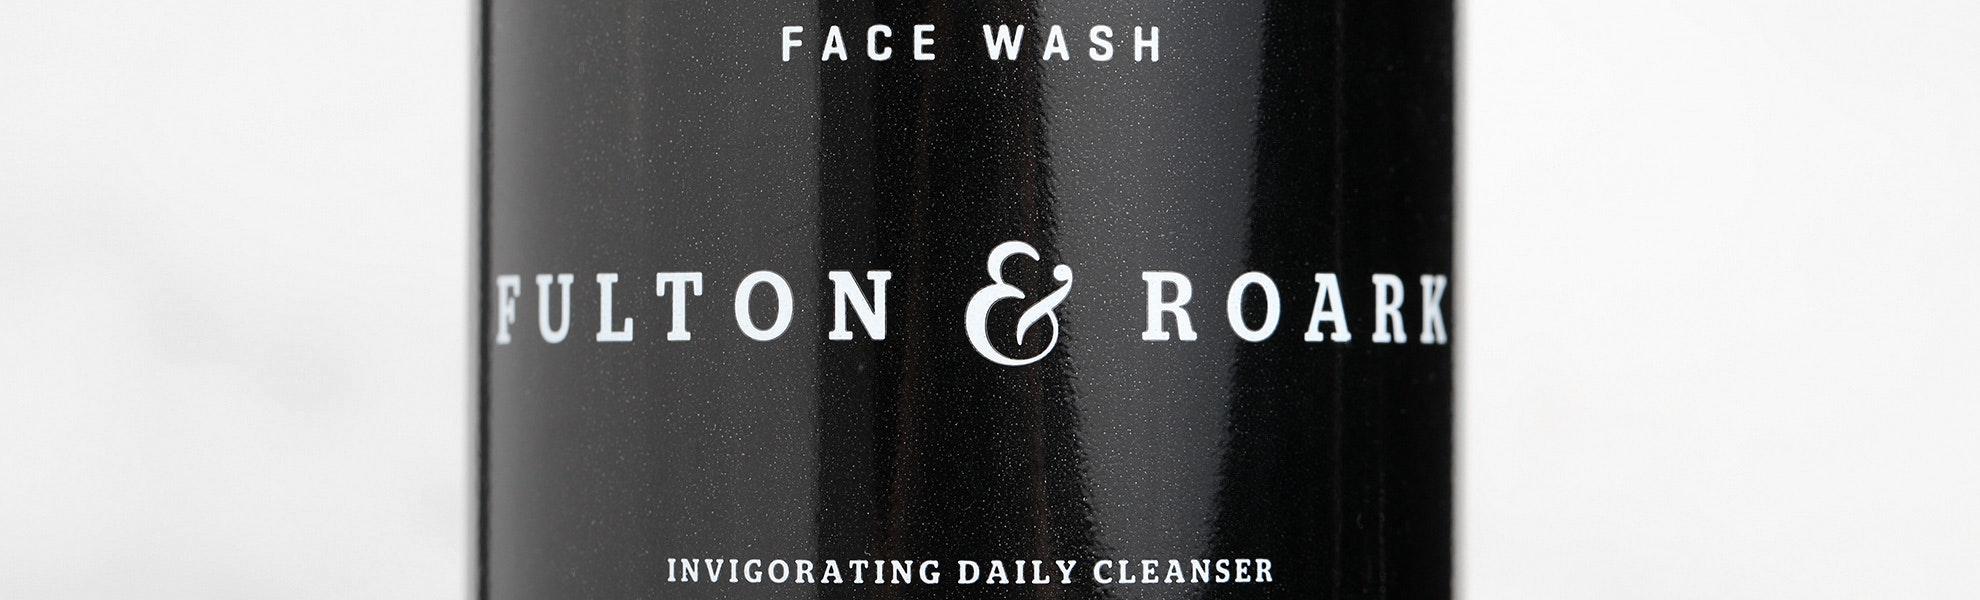 Fulton & Roark Face Wash